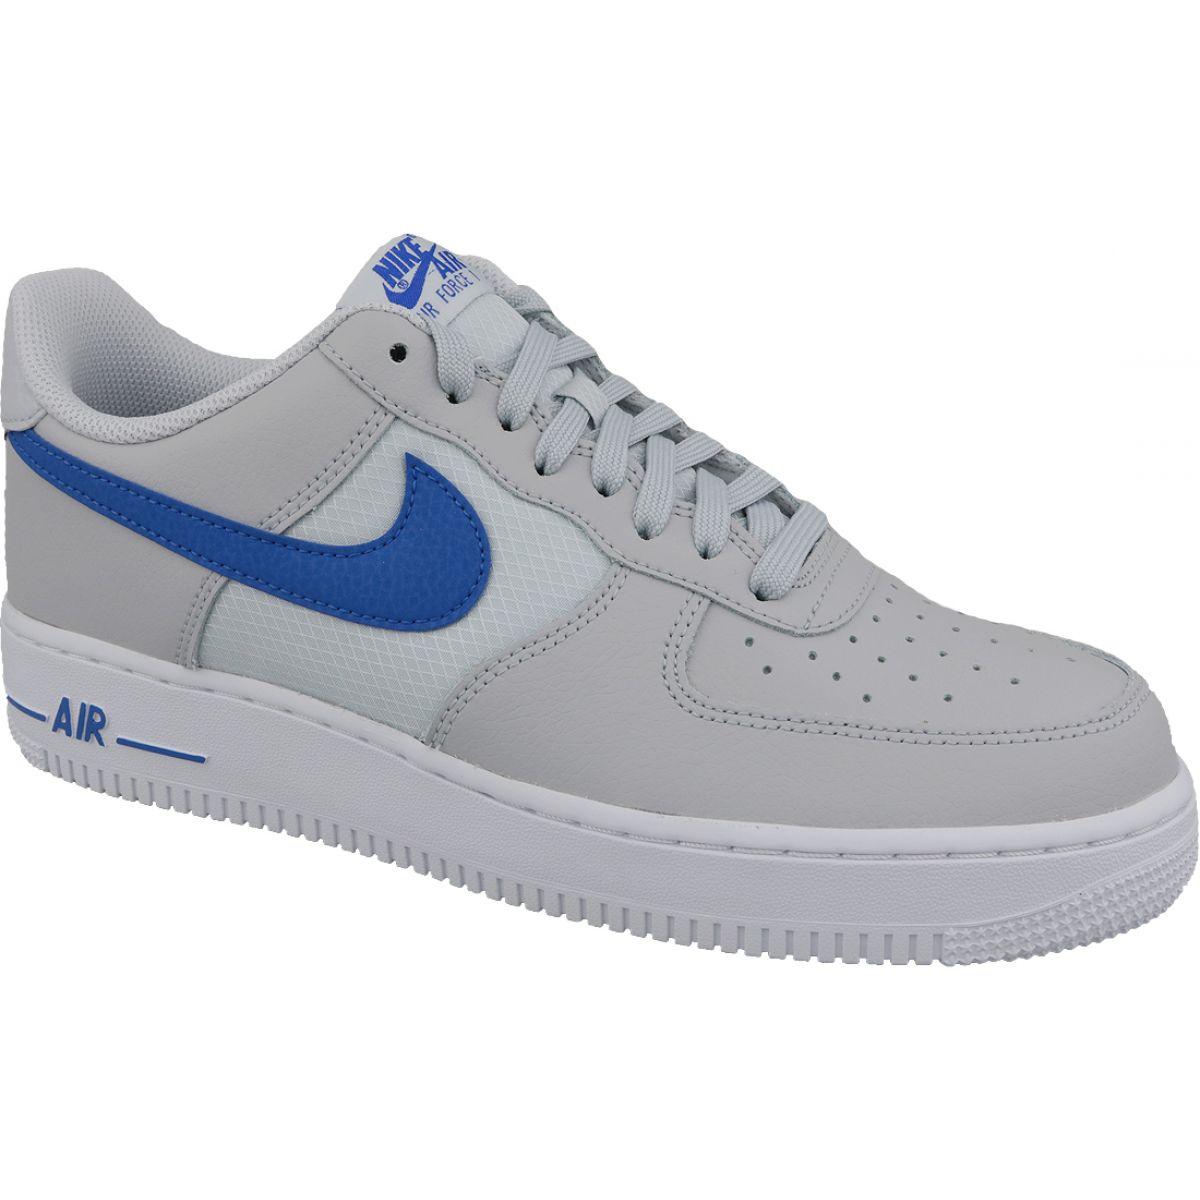 plus de photos 13ee9 01d2e Gris Zapatos Nike Air Force 1 '07 LV8 M CD1516-002